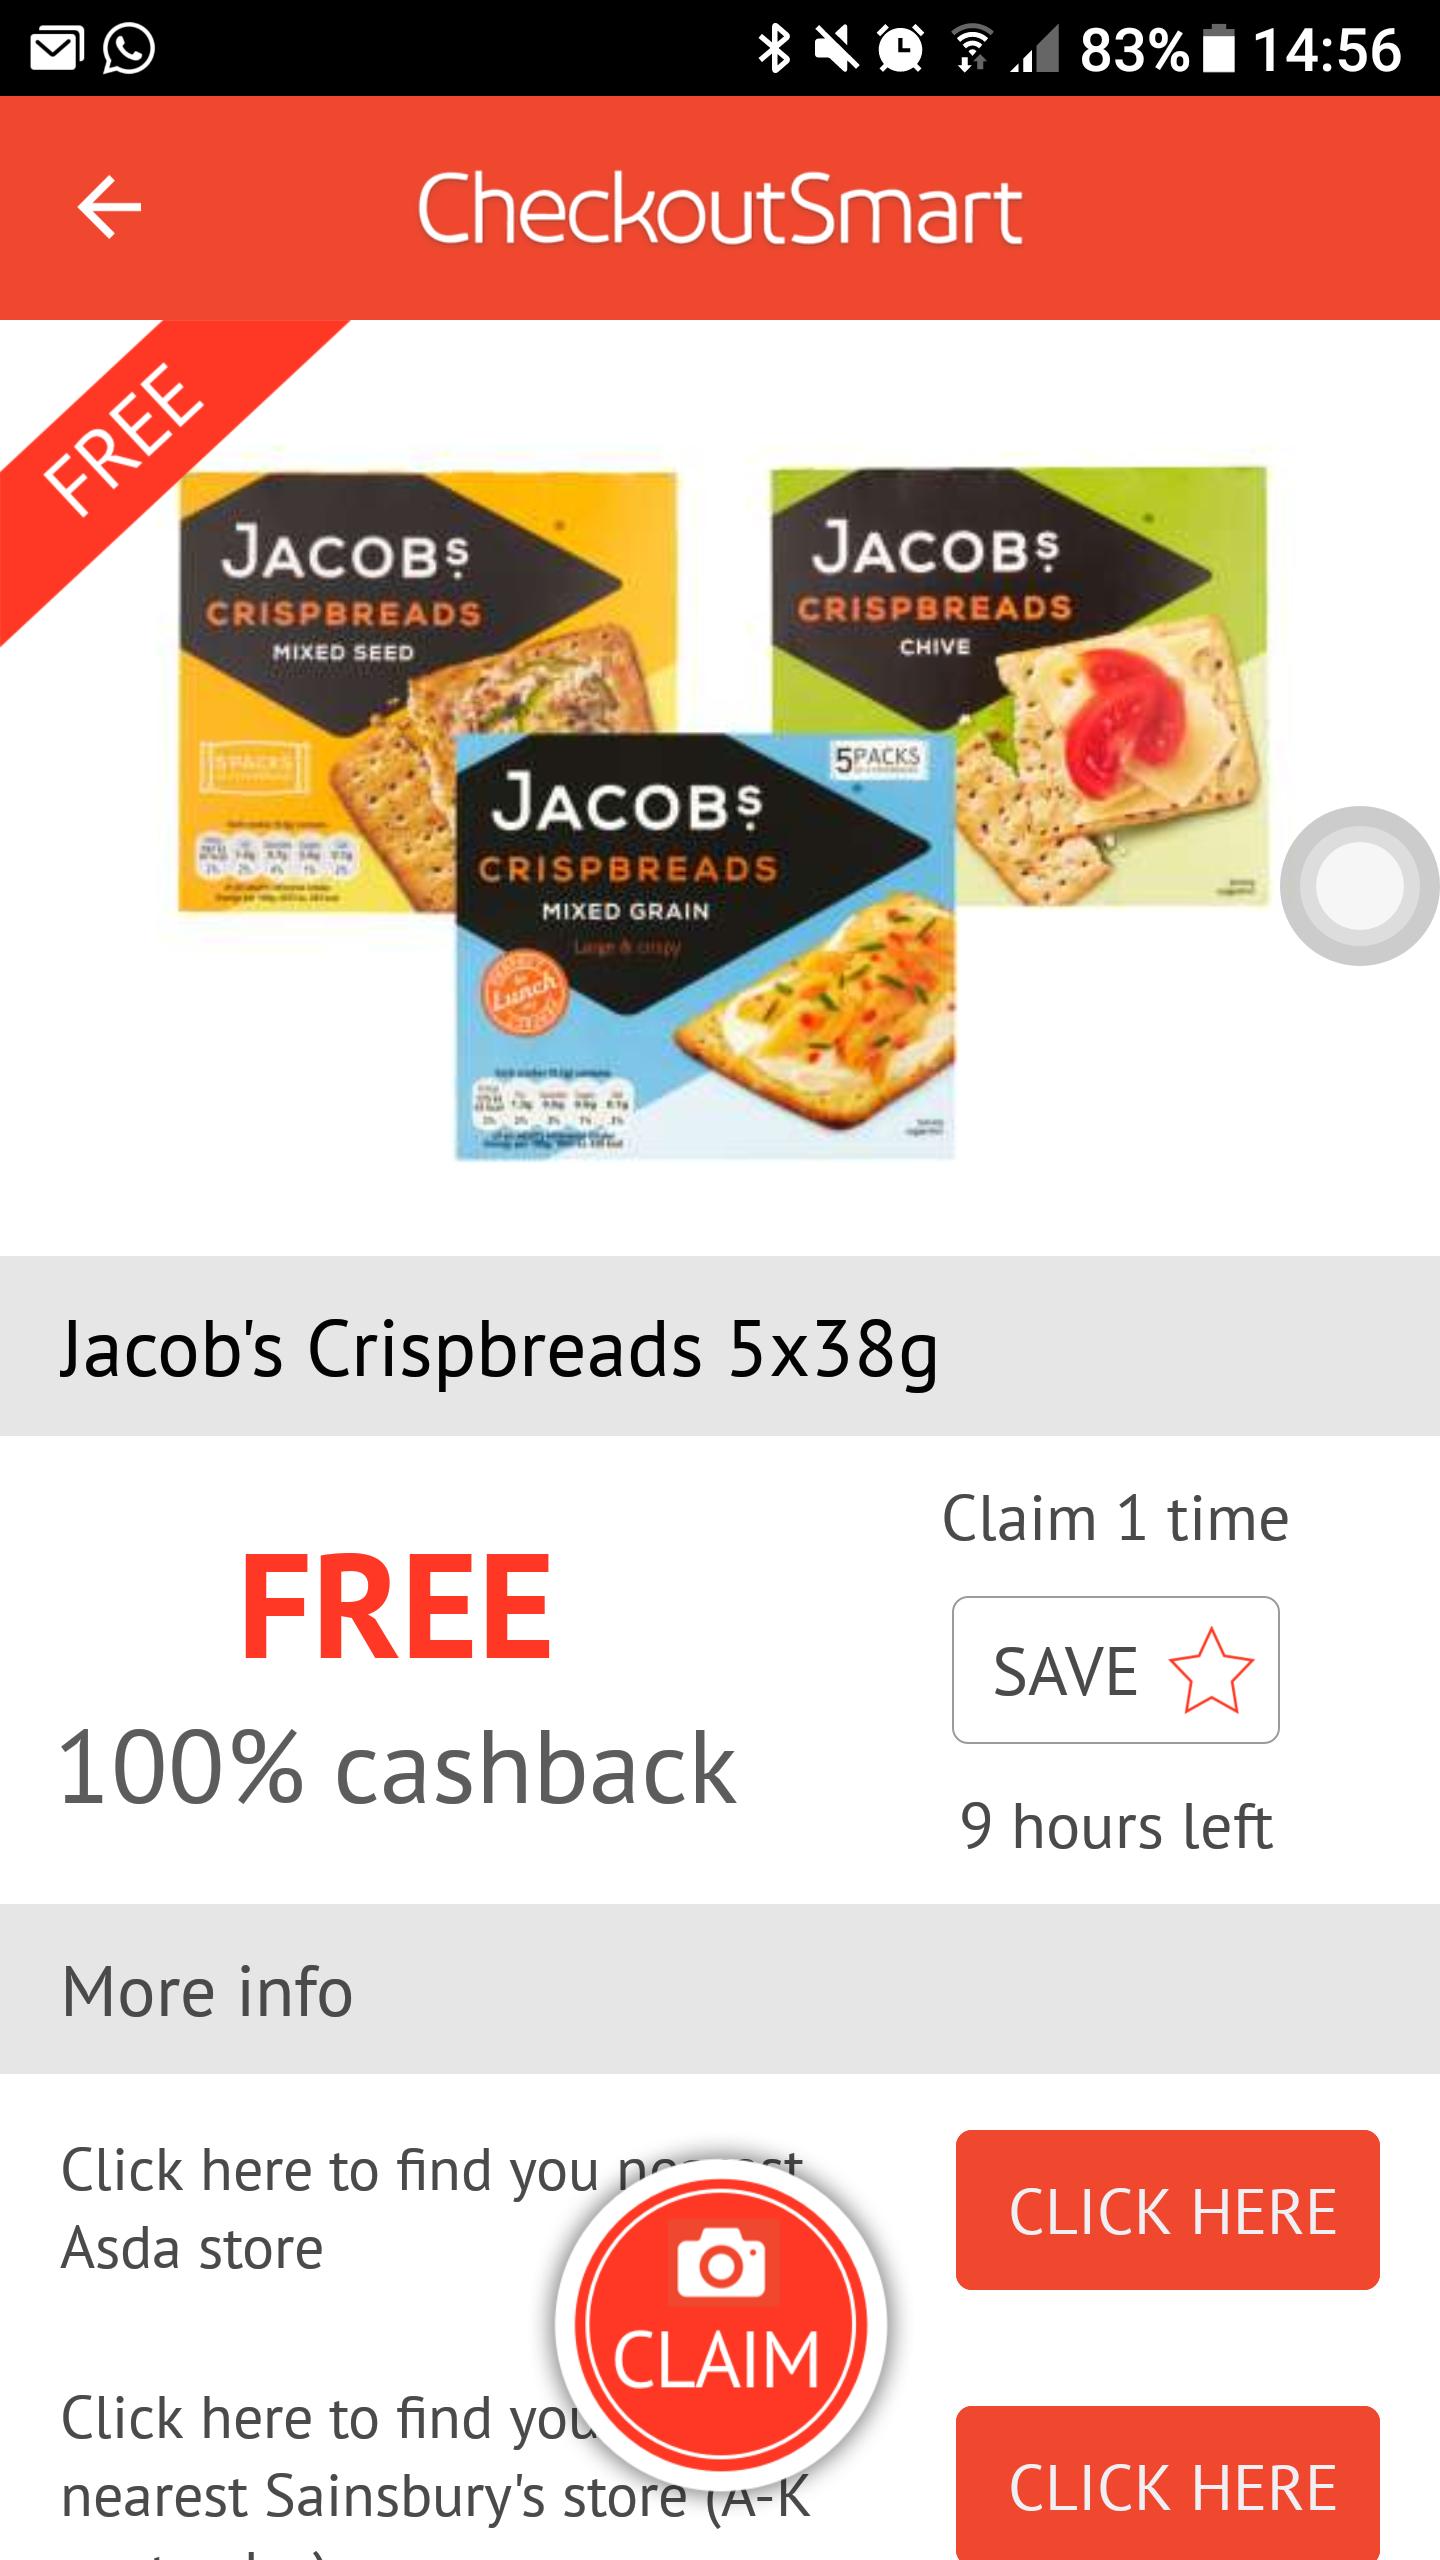 Free jacobs crackers via checkoutsmart when buying at Tesco/Sainsbury's/ASDA